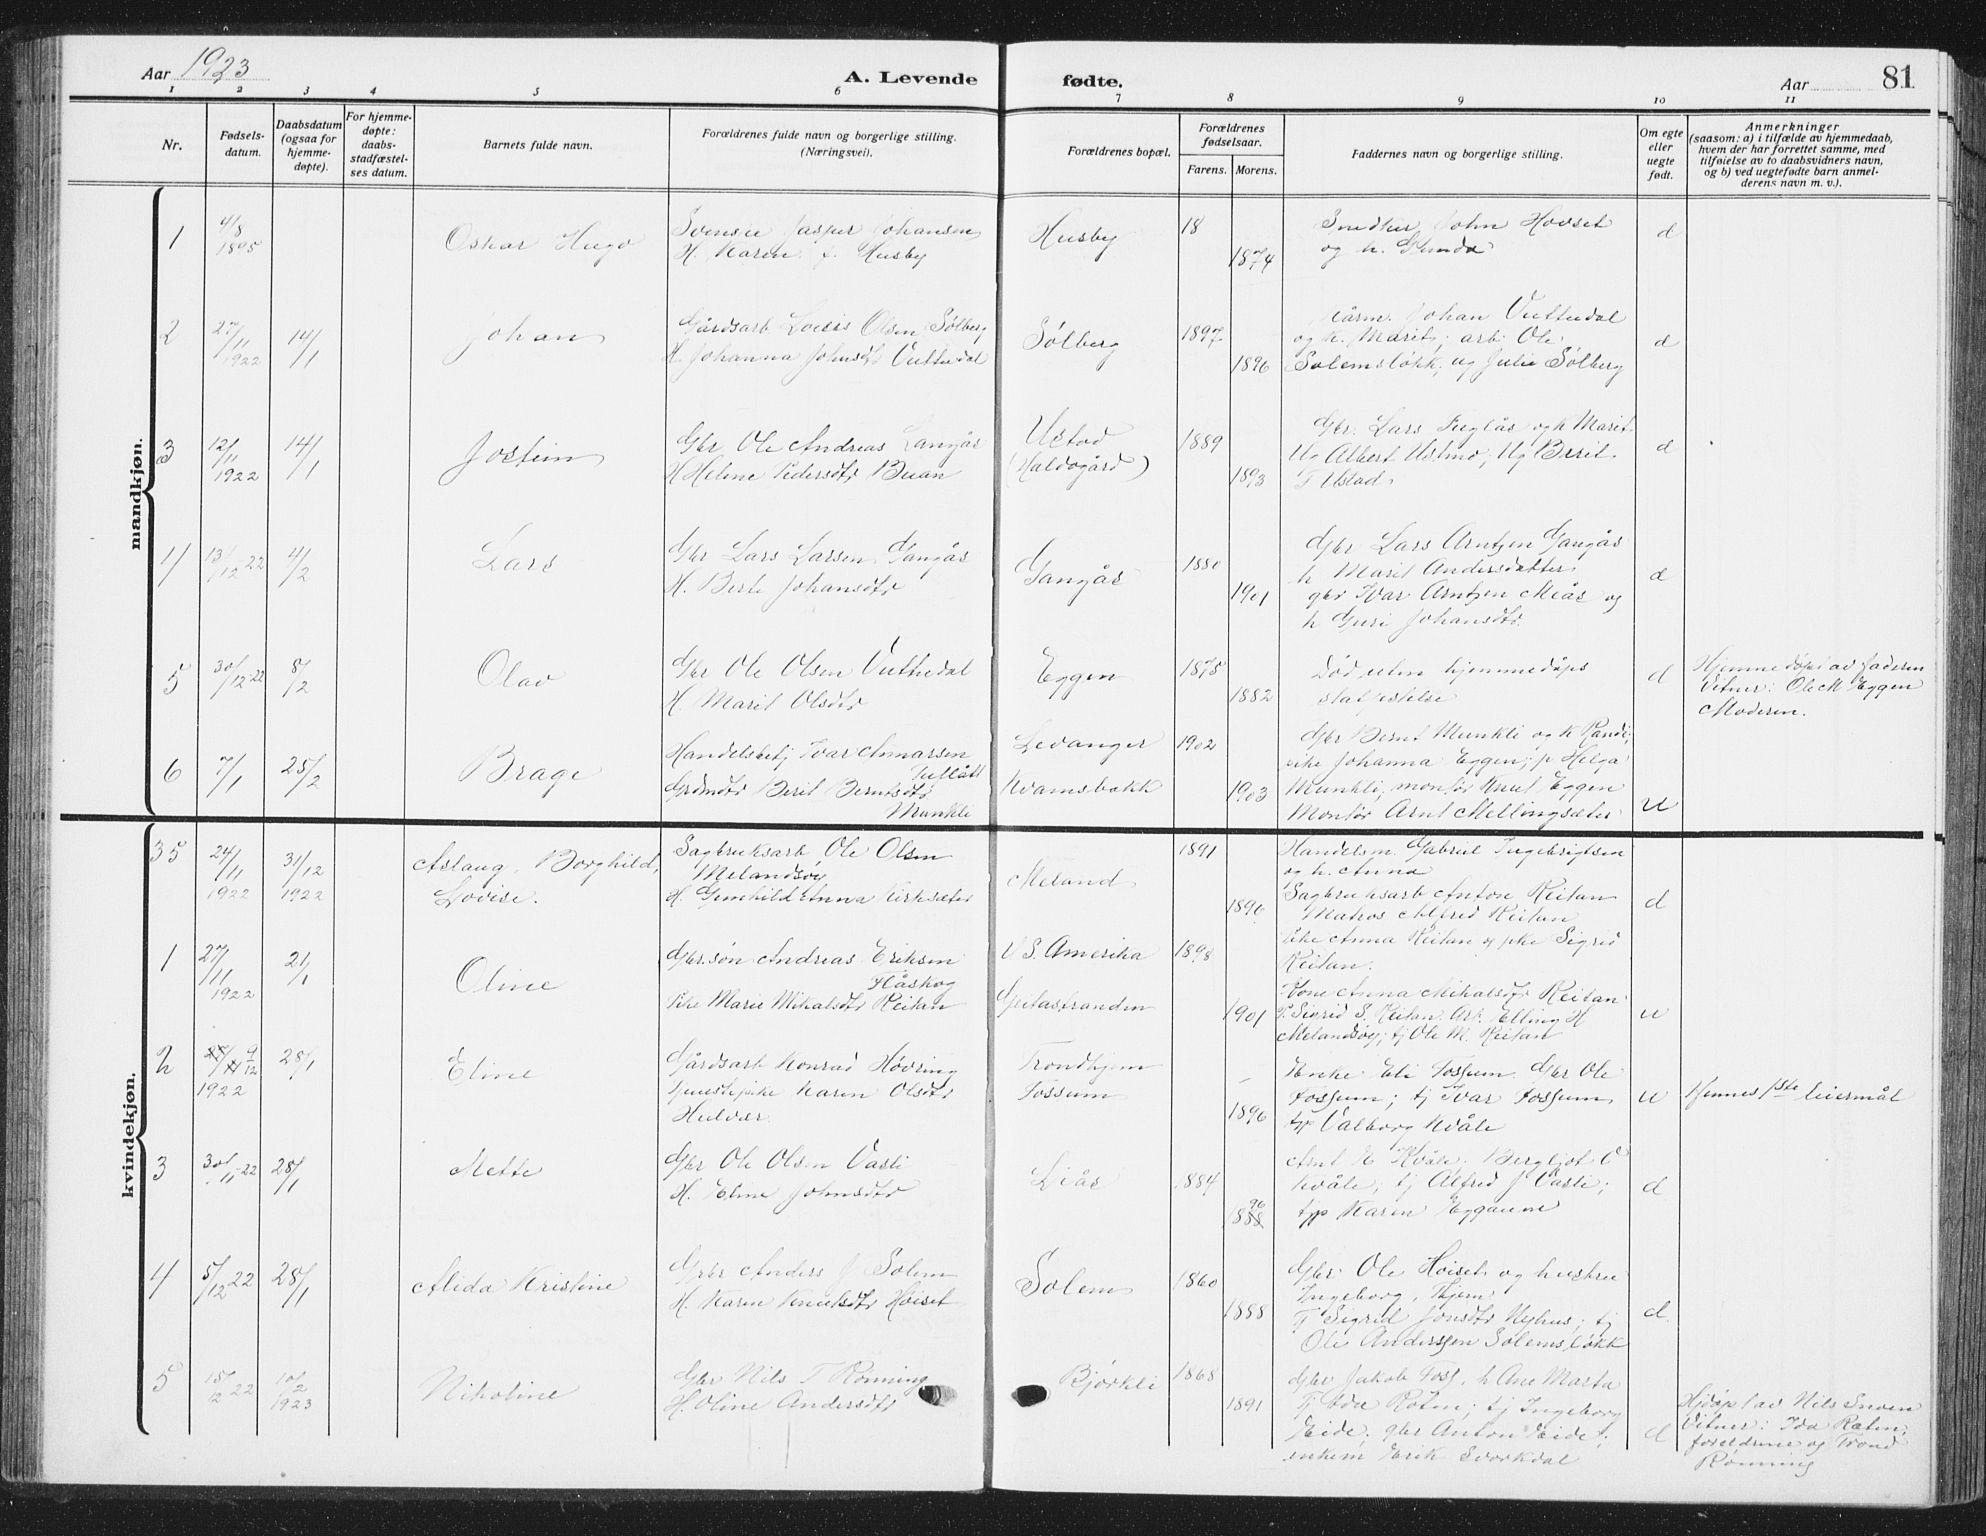 SAT, Ministerialprotokoller, klokkerbøker og fødselsregistre - Sør-Trøndelag, 668/L0820: Klokkerbok nr. 668C09, 1912-1936, s. 81